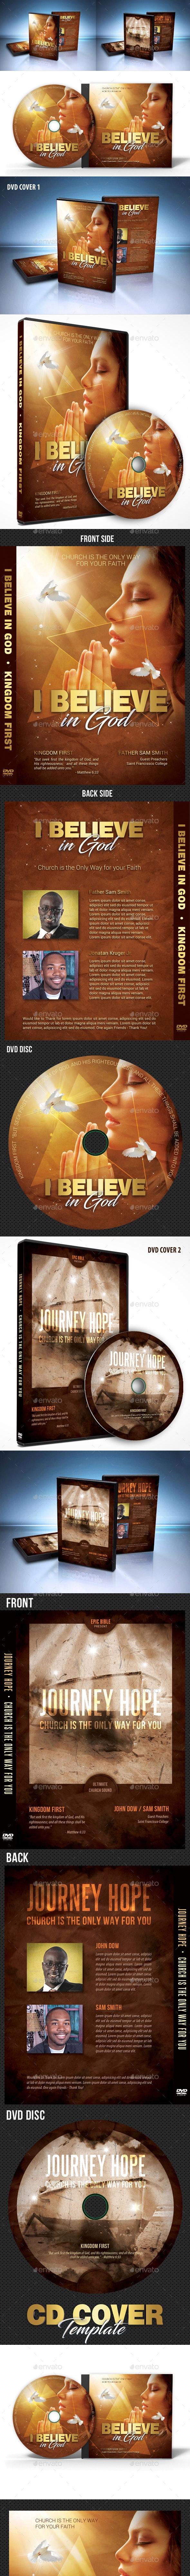 Church CD DVD Covers Bundle